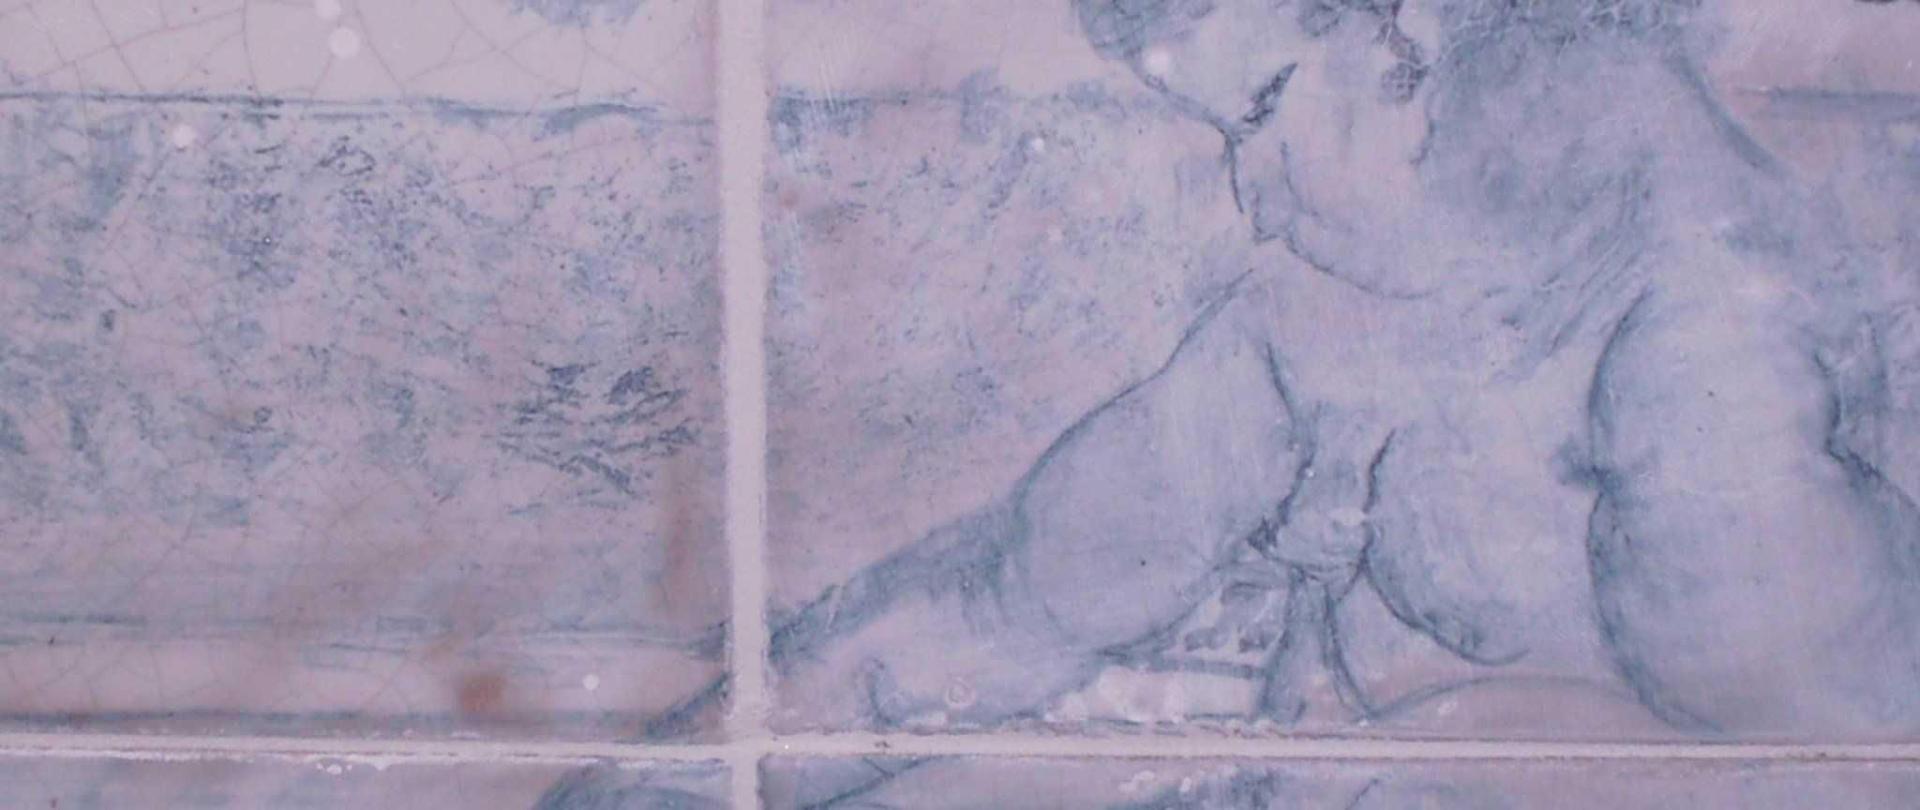 azalea-azulejos.JPG